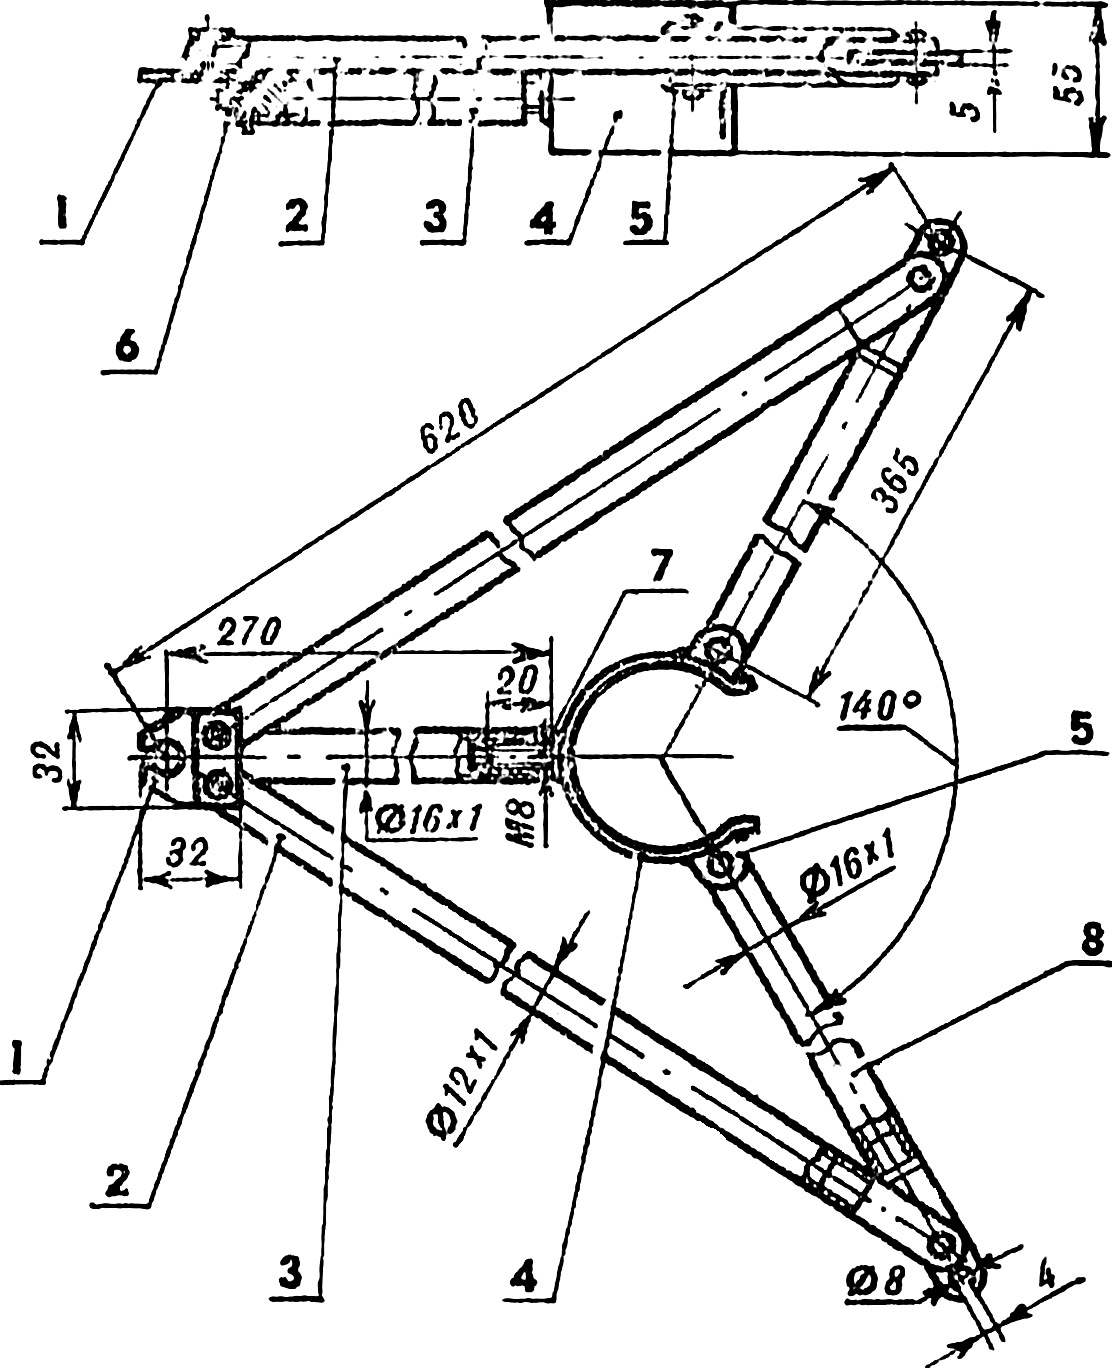 Fig. 12. The gaff rig.